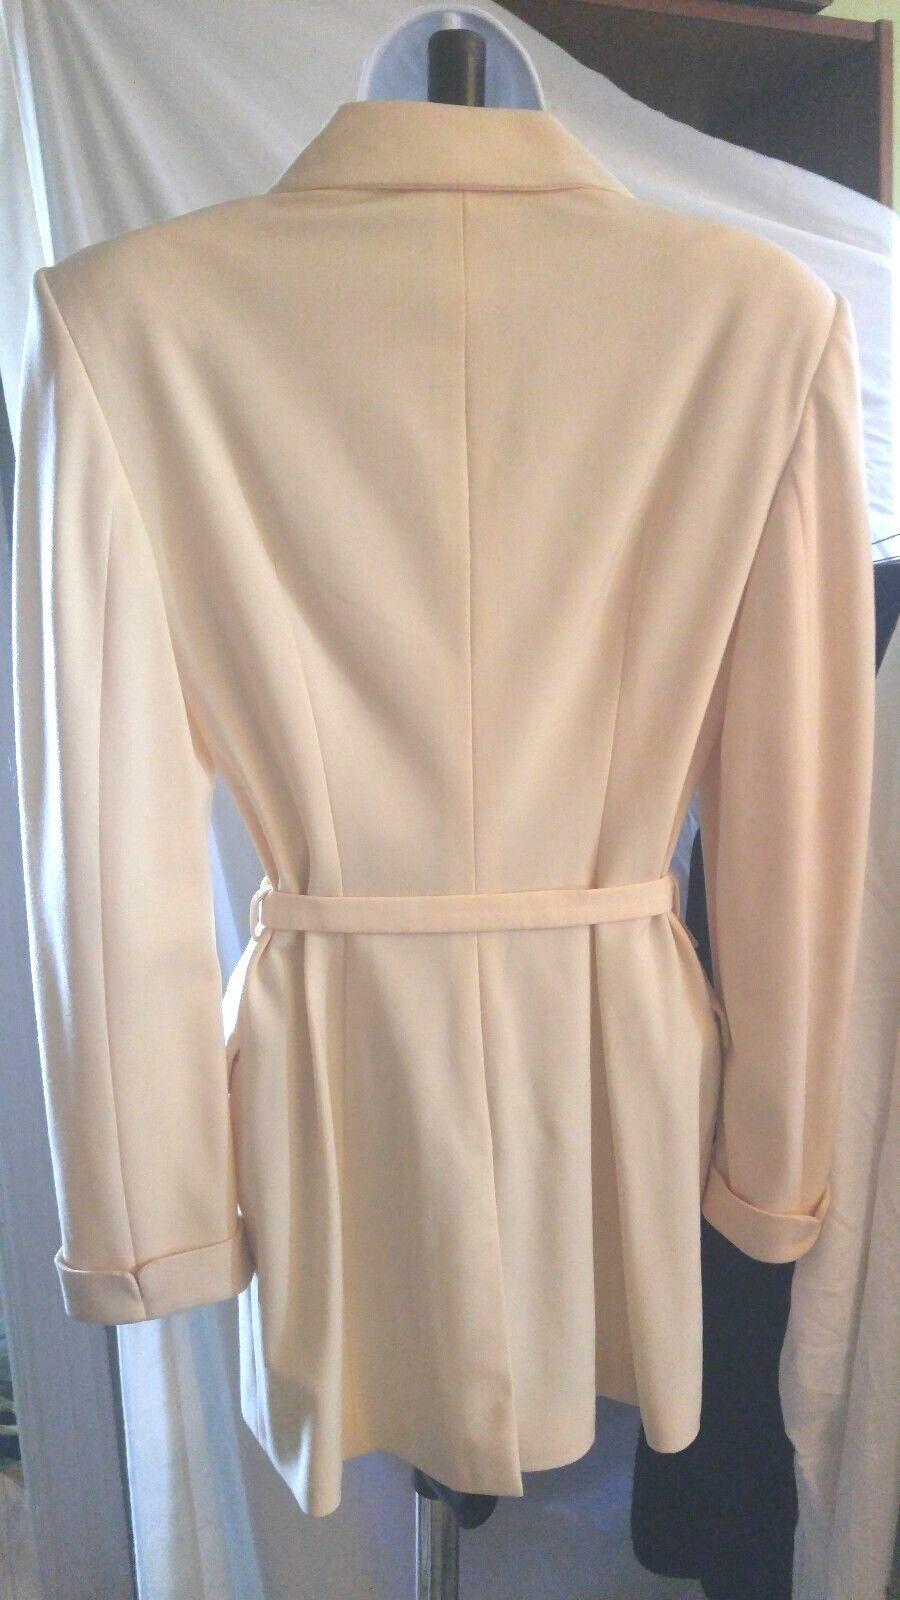 ANNA SUI 90s Vintage Wool Jacket M $550 - image 6